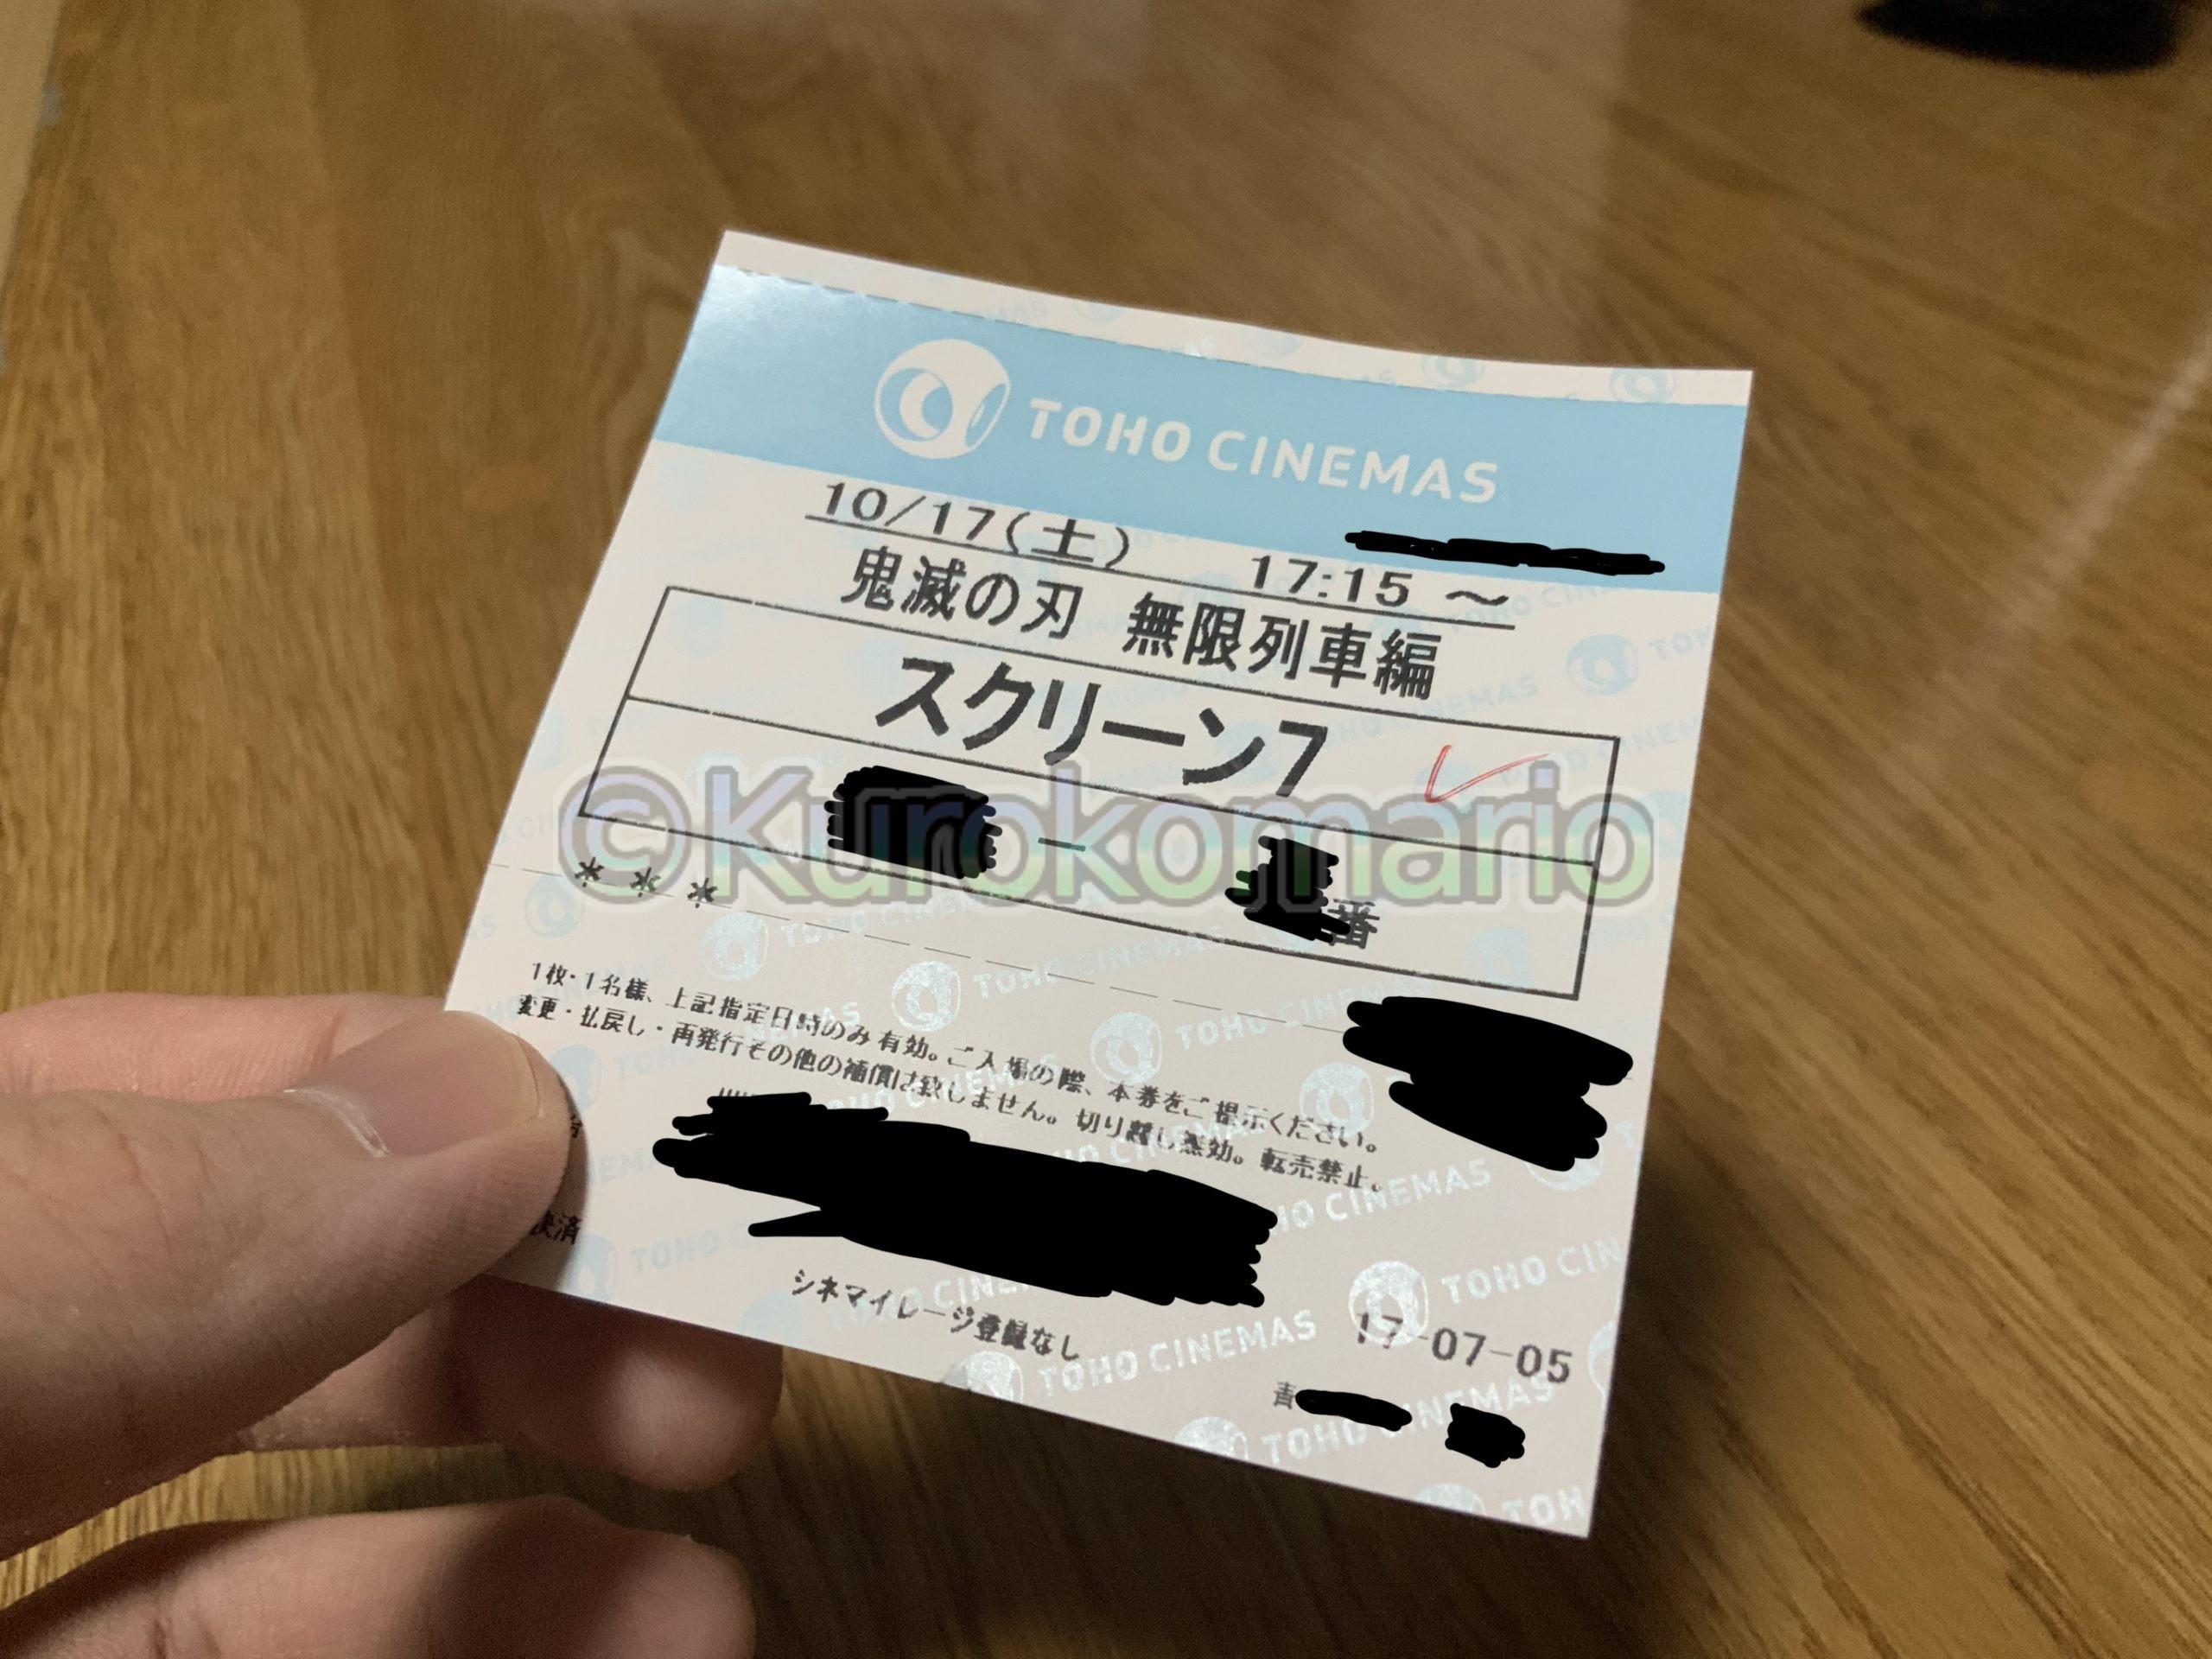 TOHOシネマズ 鬼滅の刃チケット